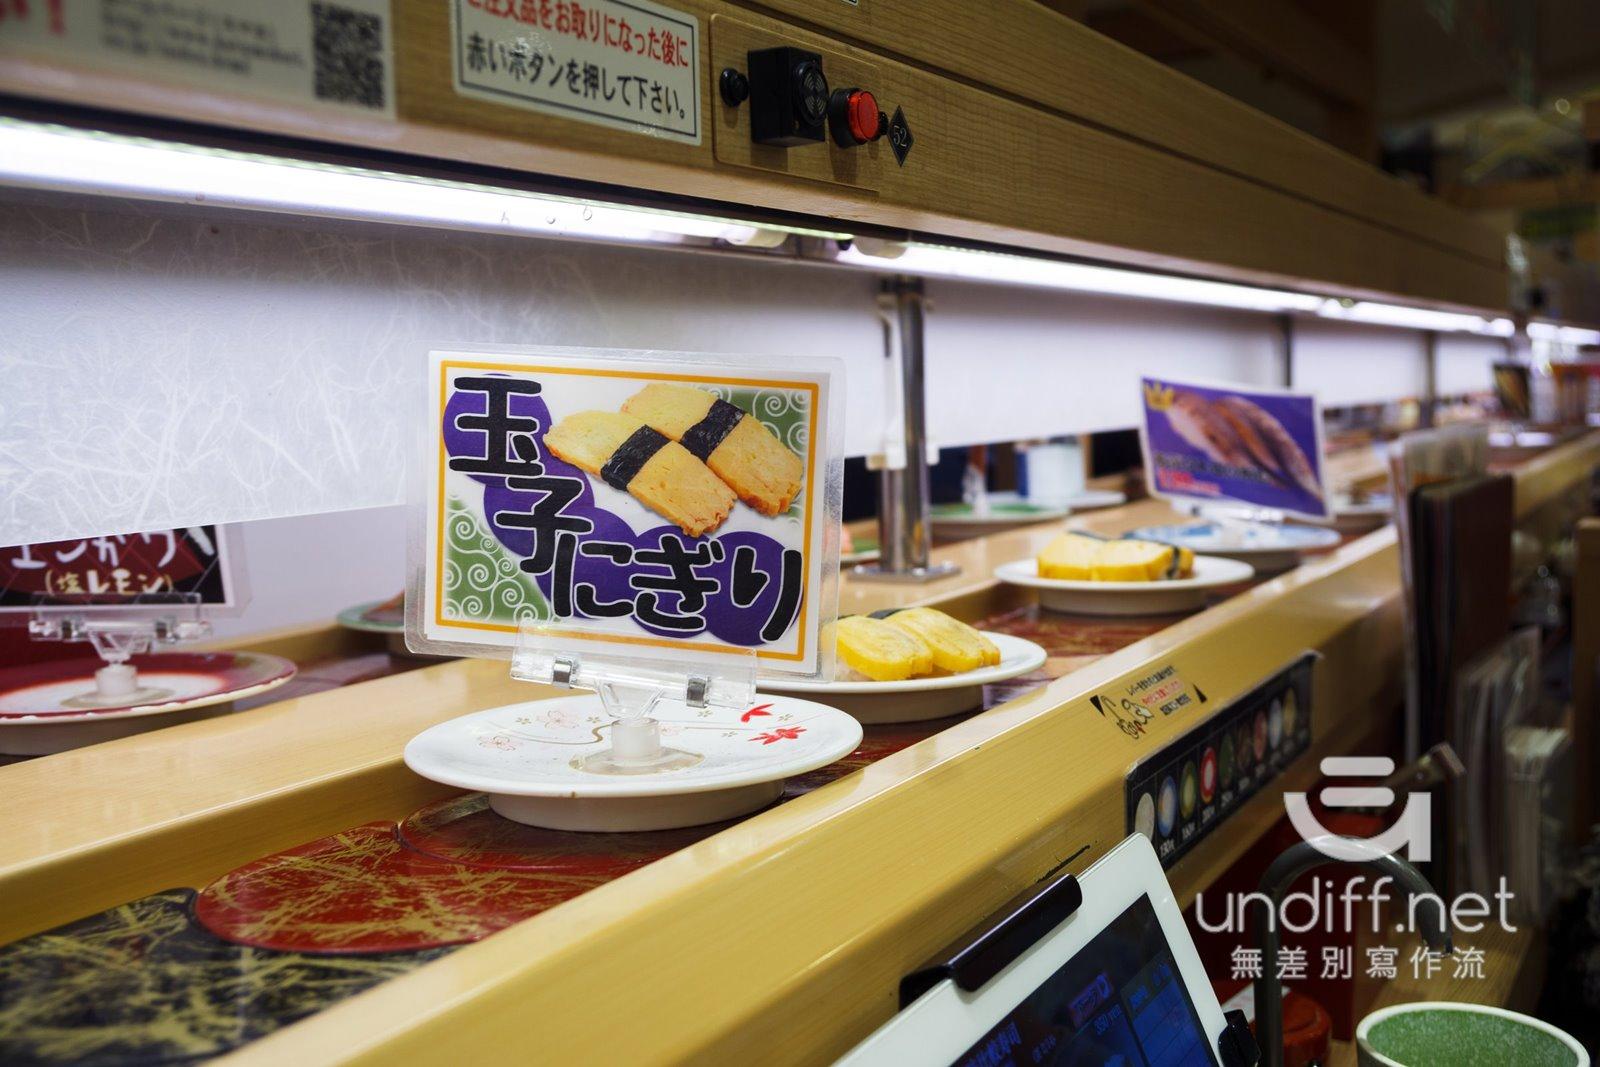 【東京美食】澀谷 回し寿司 活.美登利 西武澀谷店 》超值新鮮又美味的迴轉壽司 24